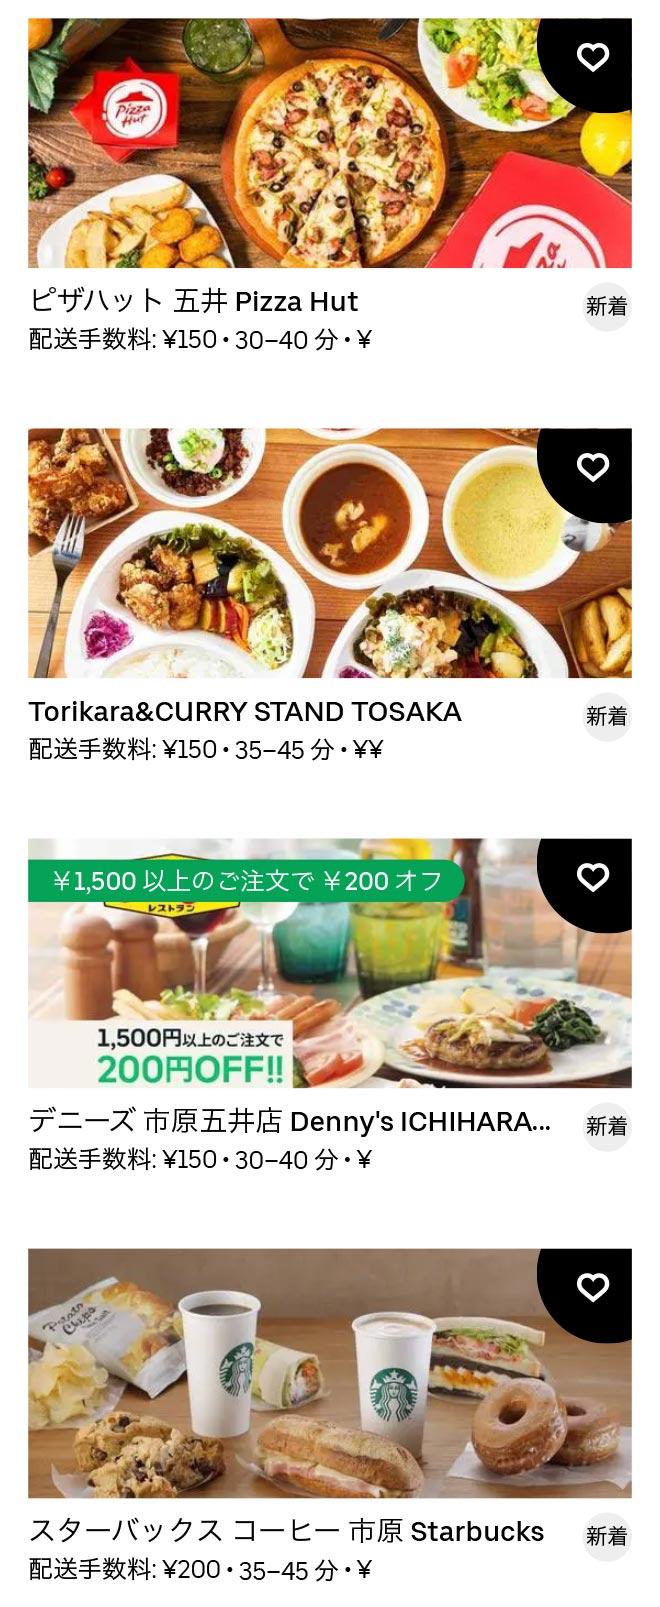 Ichihara goi menu 2011 1